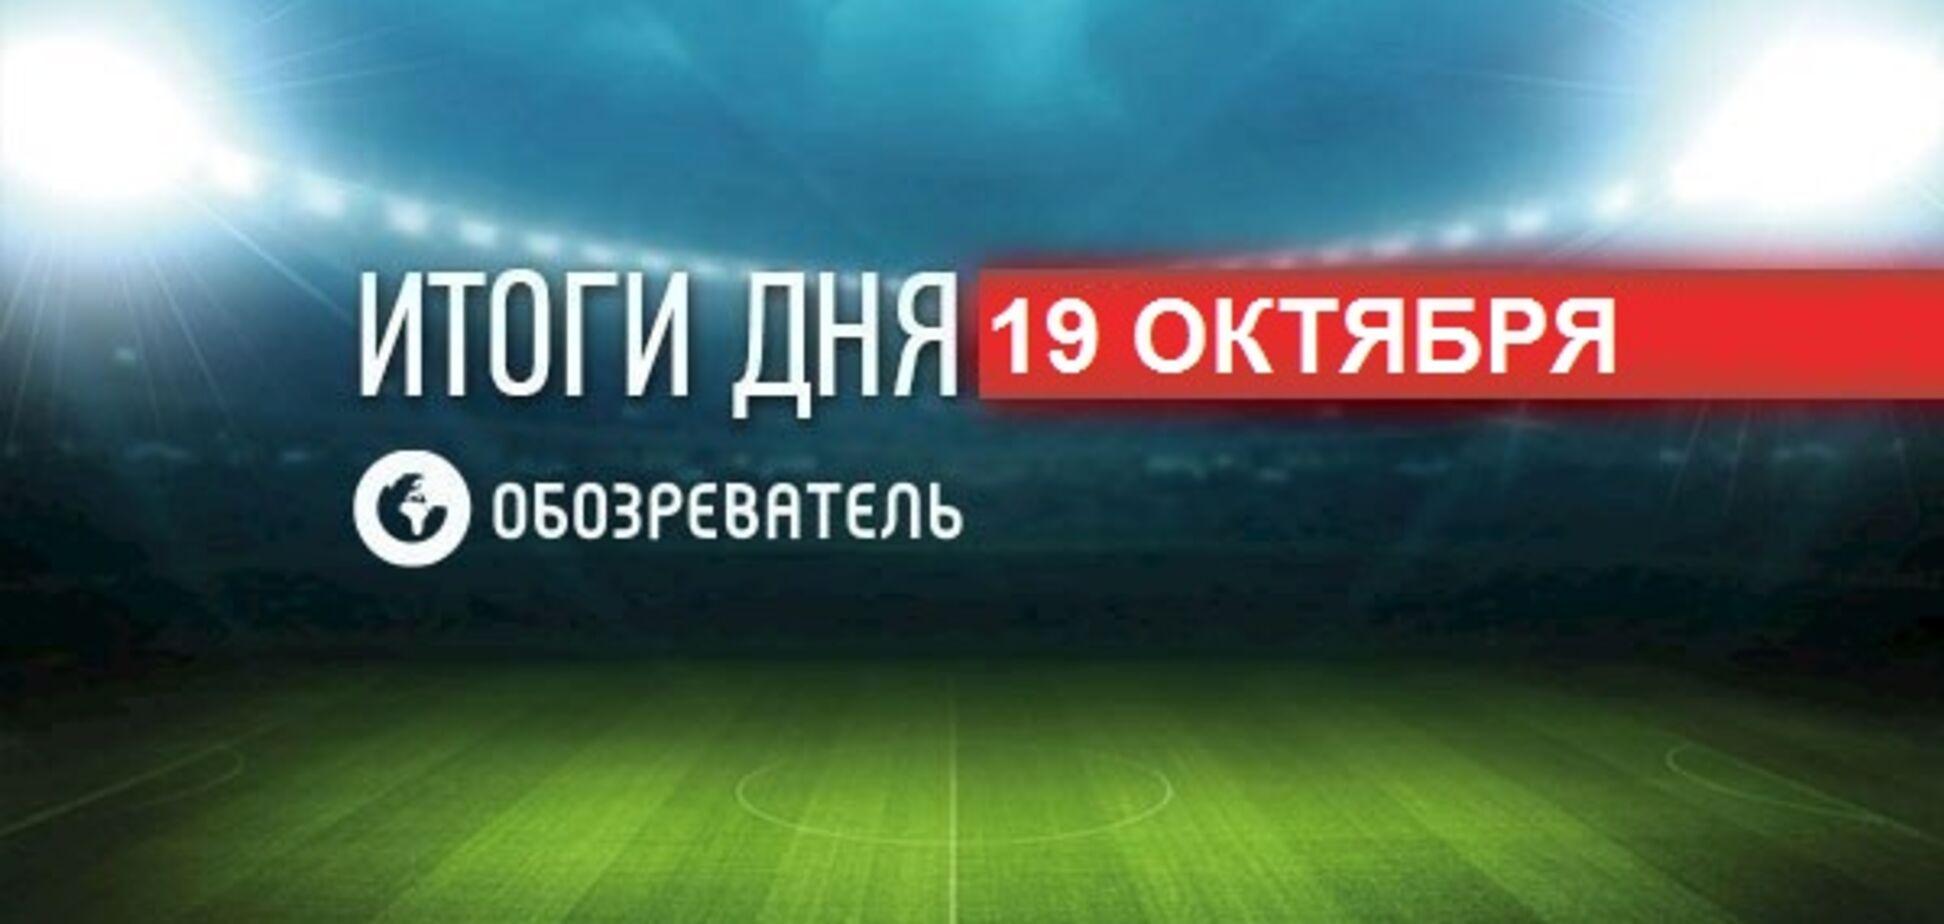 'Динамо' у кривавій бійні не змогло обіграти 'Янг Бойз': відео голів та огляд матчу